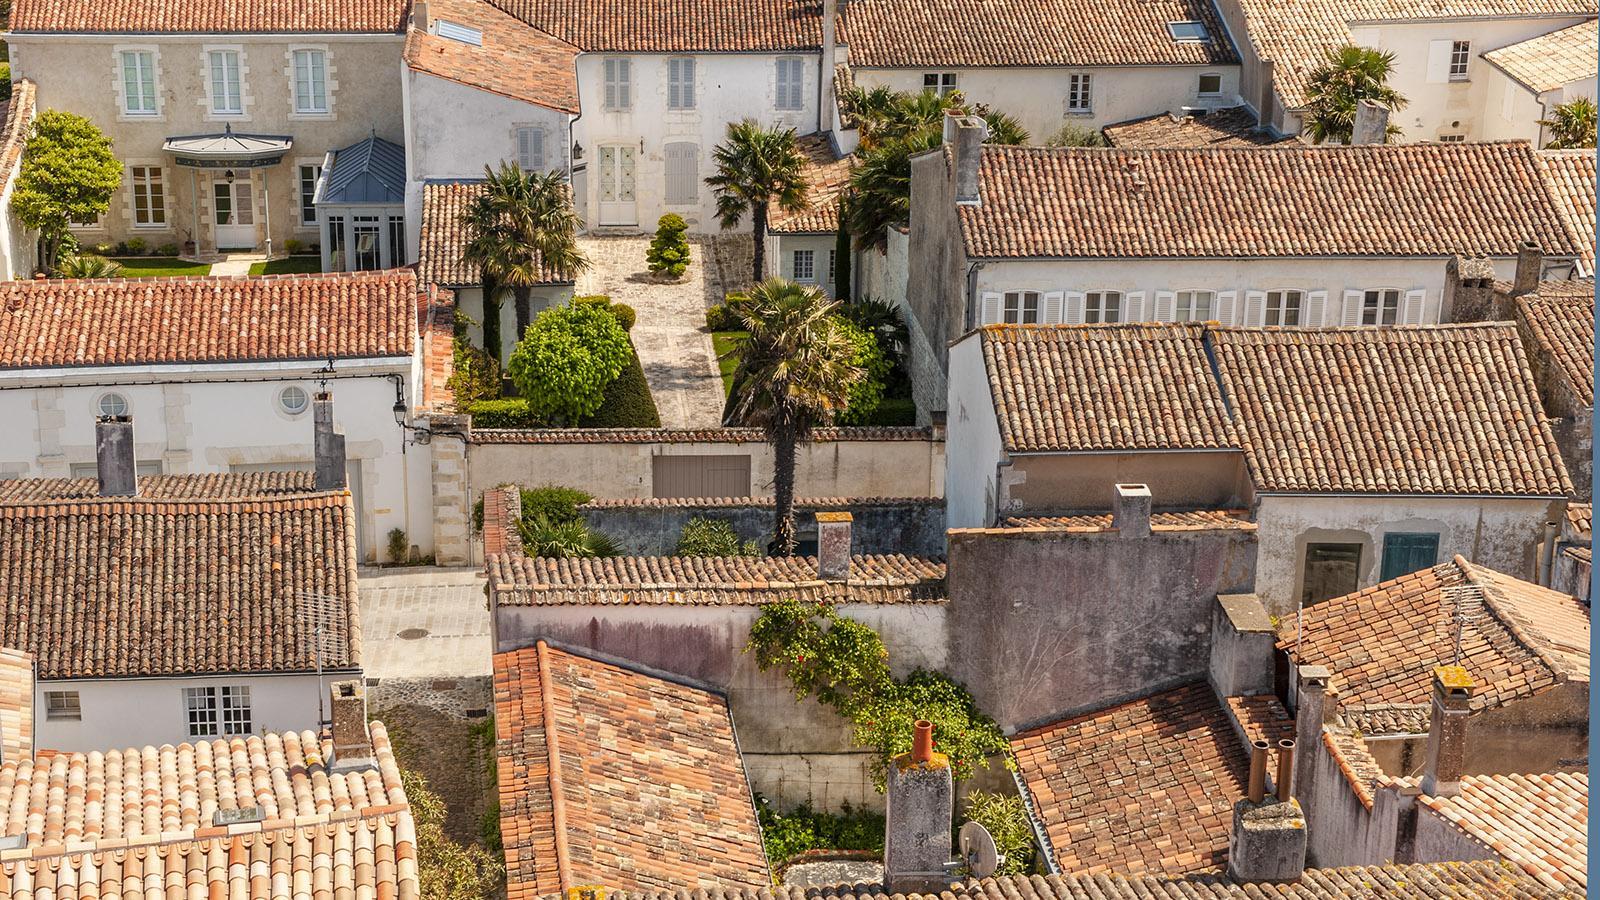 Île de Ré: Kirchturmblick auf das alte Herz der Zitadelle Sainte-Marie-de-Ré. Foto: Hilke Maunder